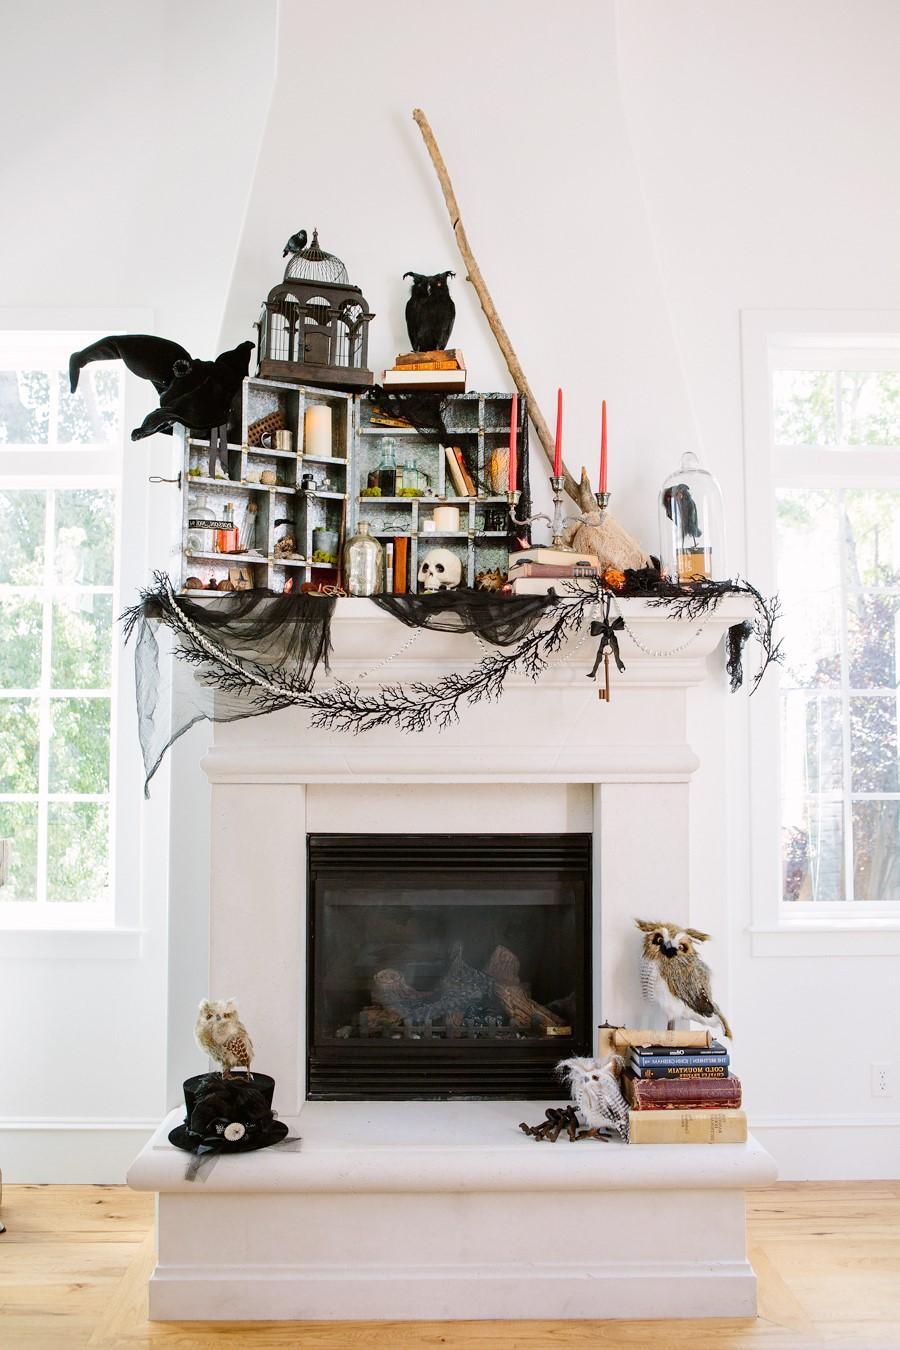 La Journée de toutes les âmes a été célébrée de la même manière que Samhain, avec de grands feux de joie, des défilés et des déguisements en costumes de saints, d'anges et de diables.